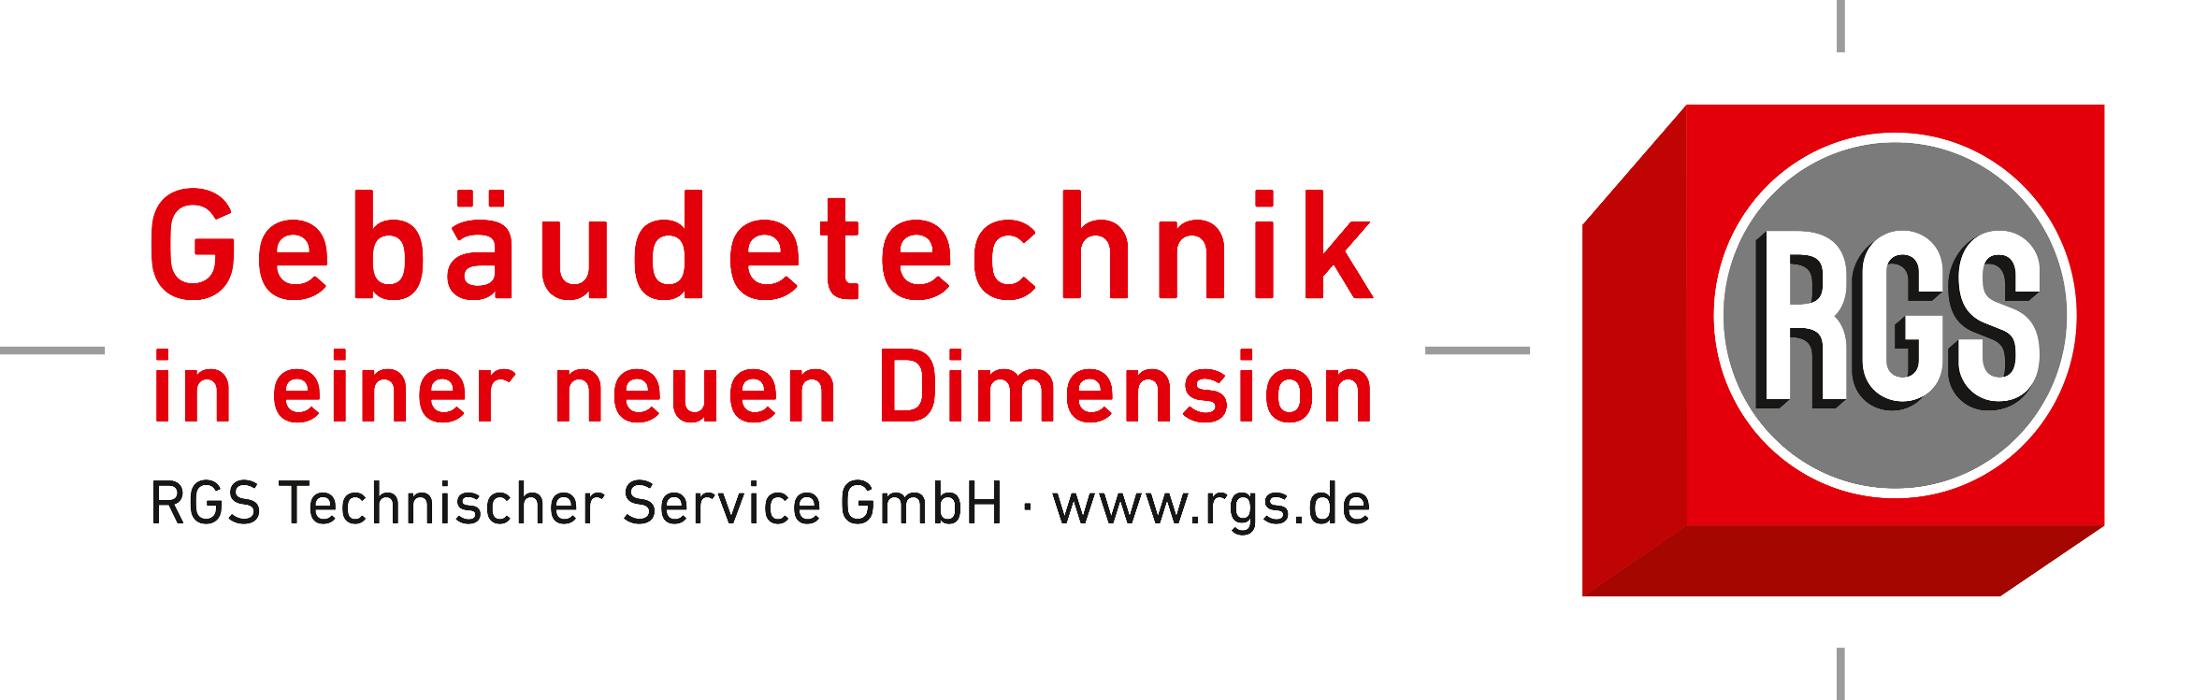 RGS Technischer Service GmbH in Essen